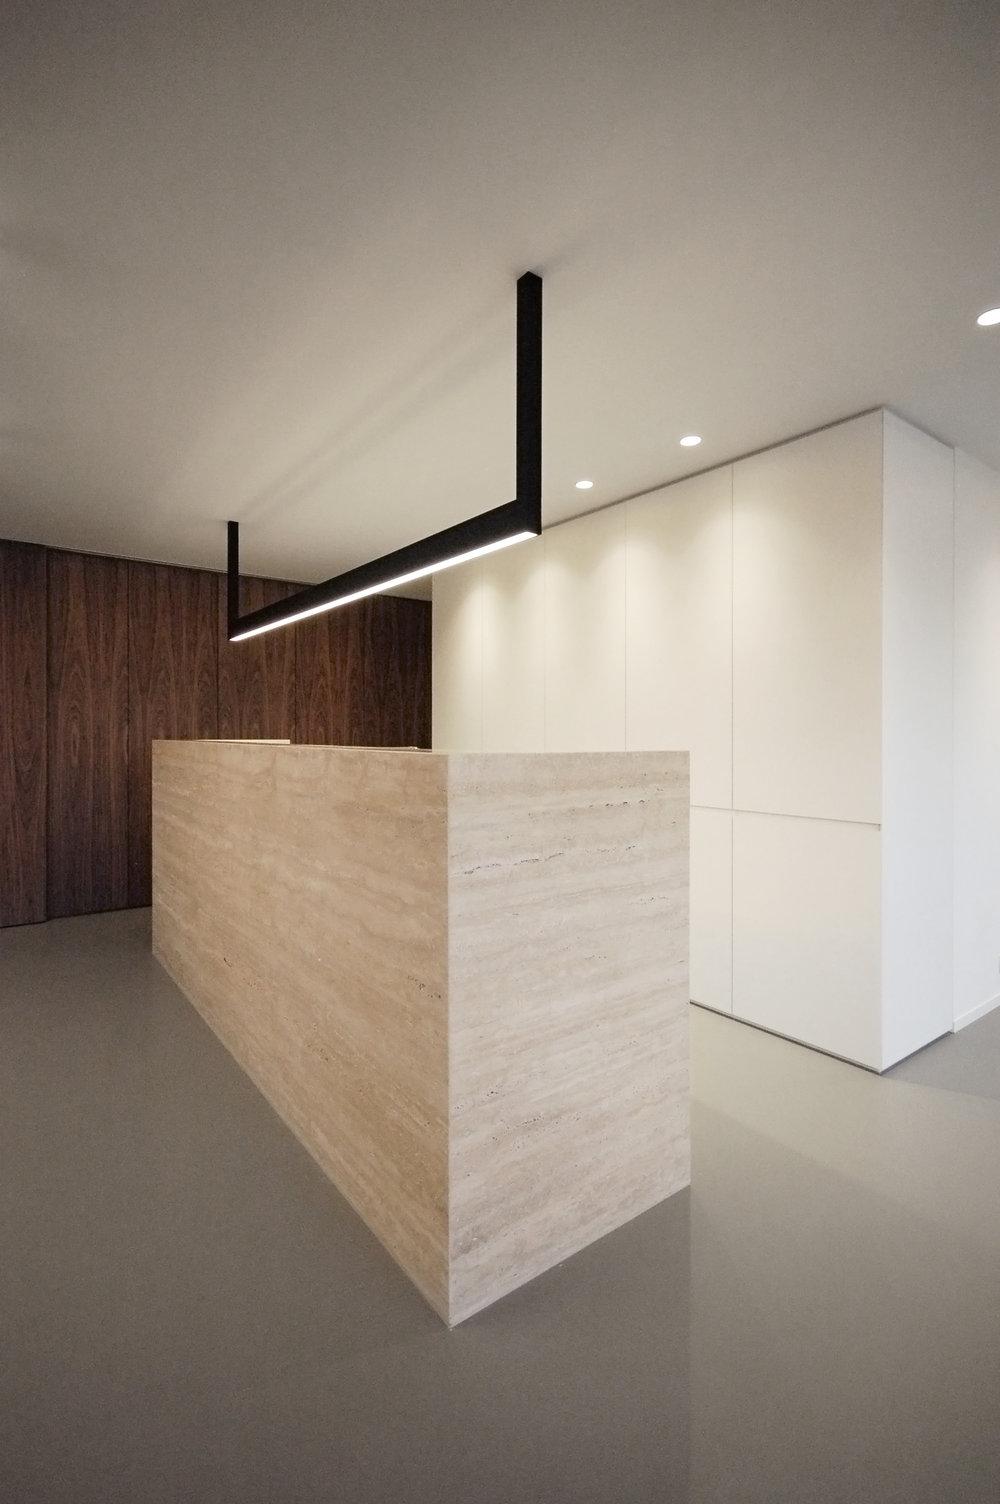 demeestervliegen-architecture-interior-interiorarchitecture-office28.jpg